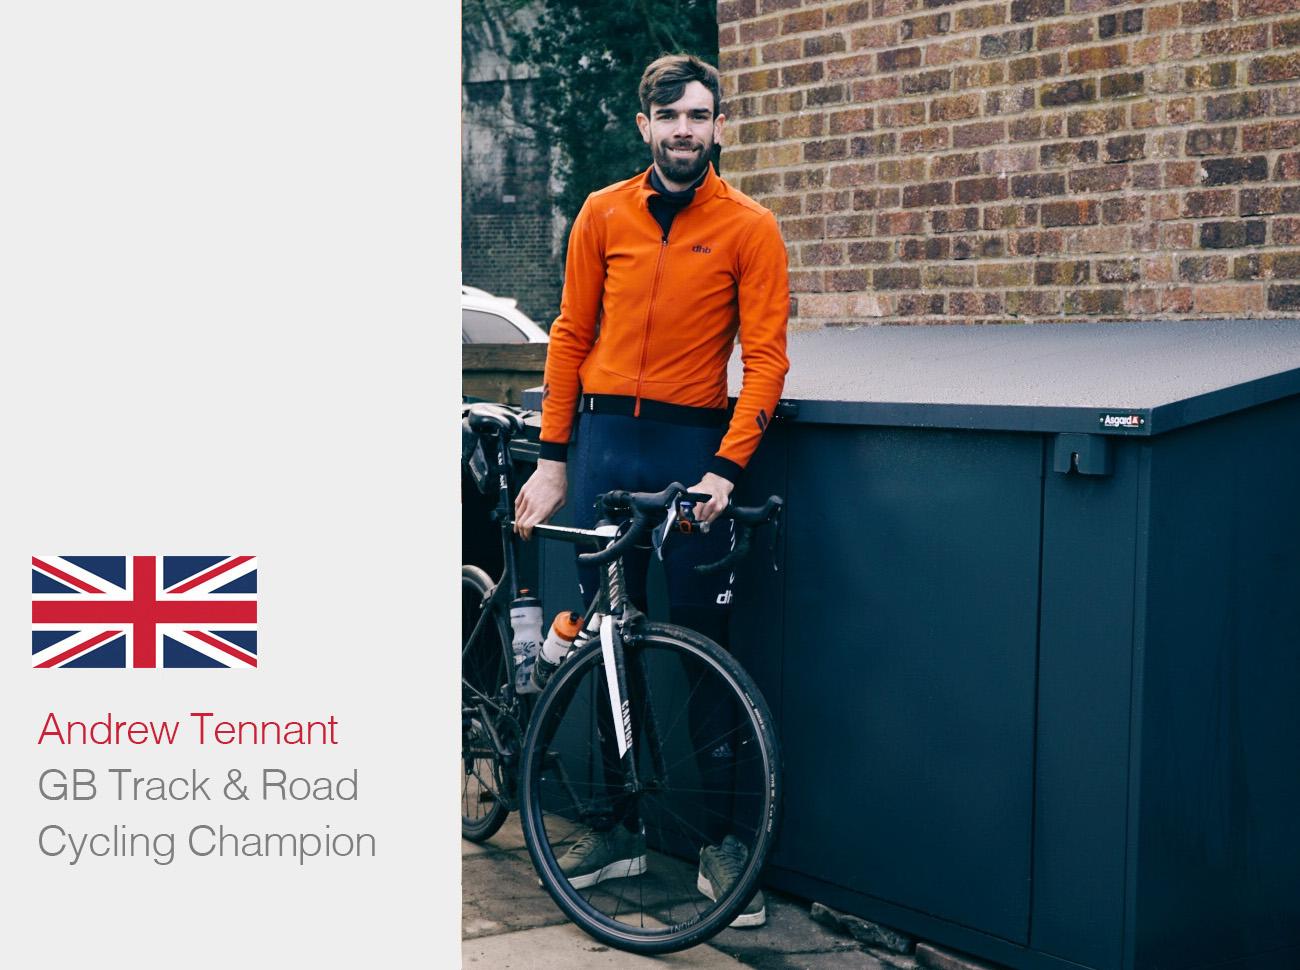 Asgard bike storage & GB rider Anyd Tennant